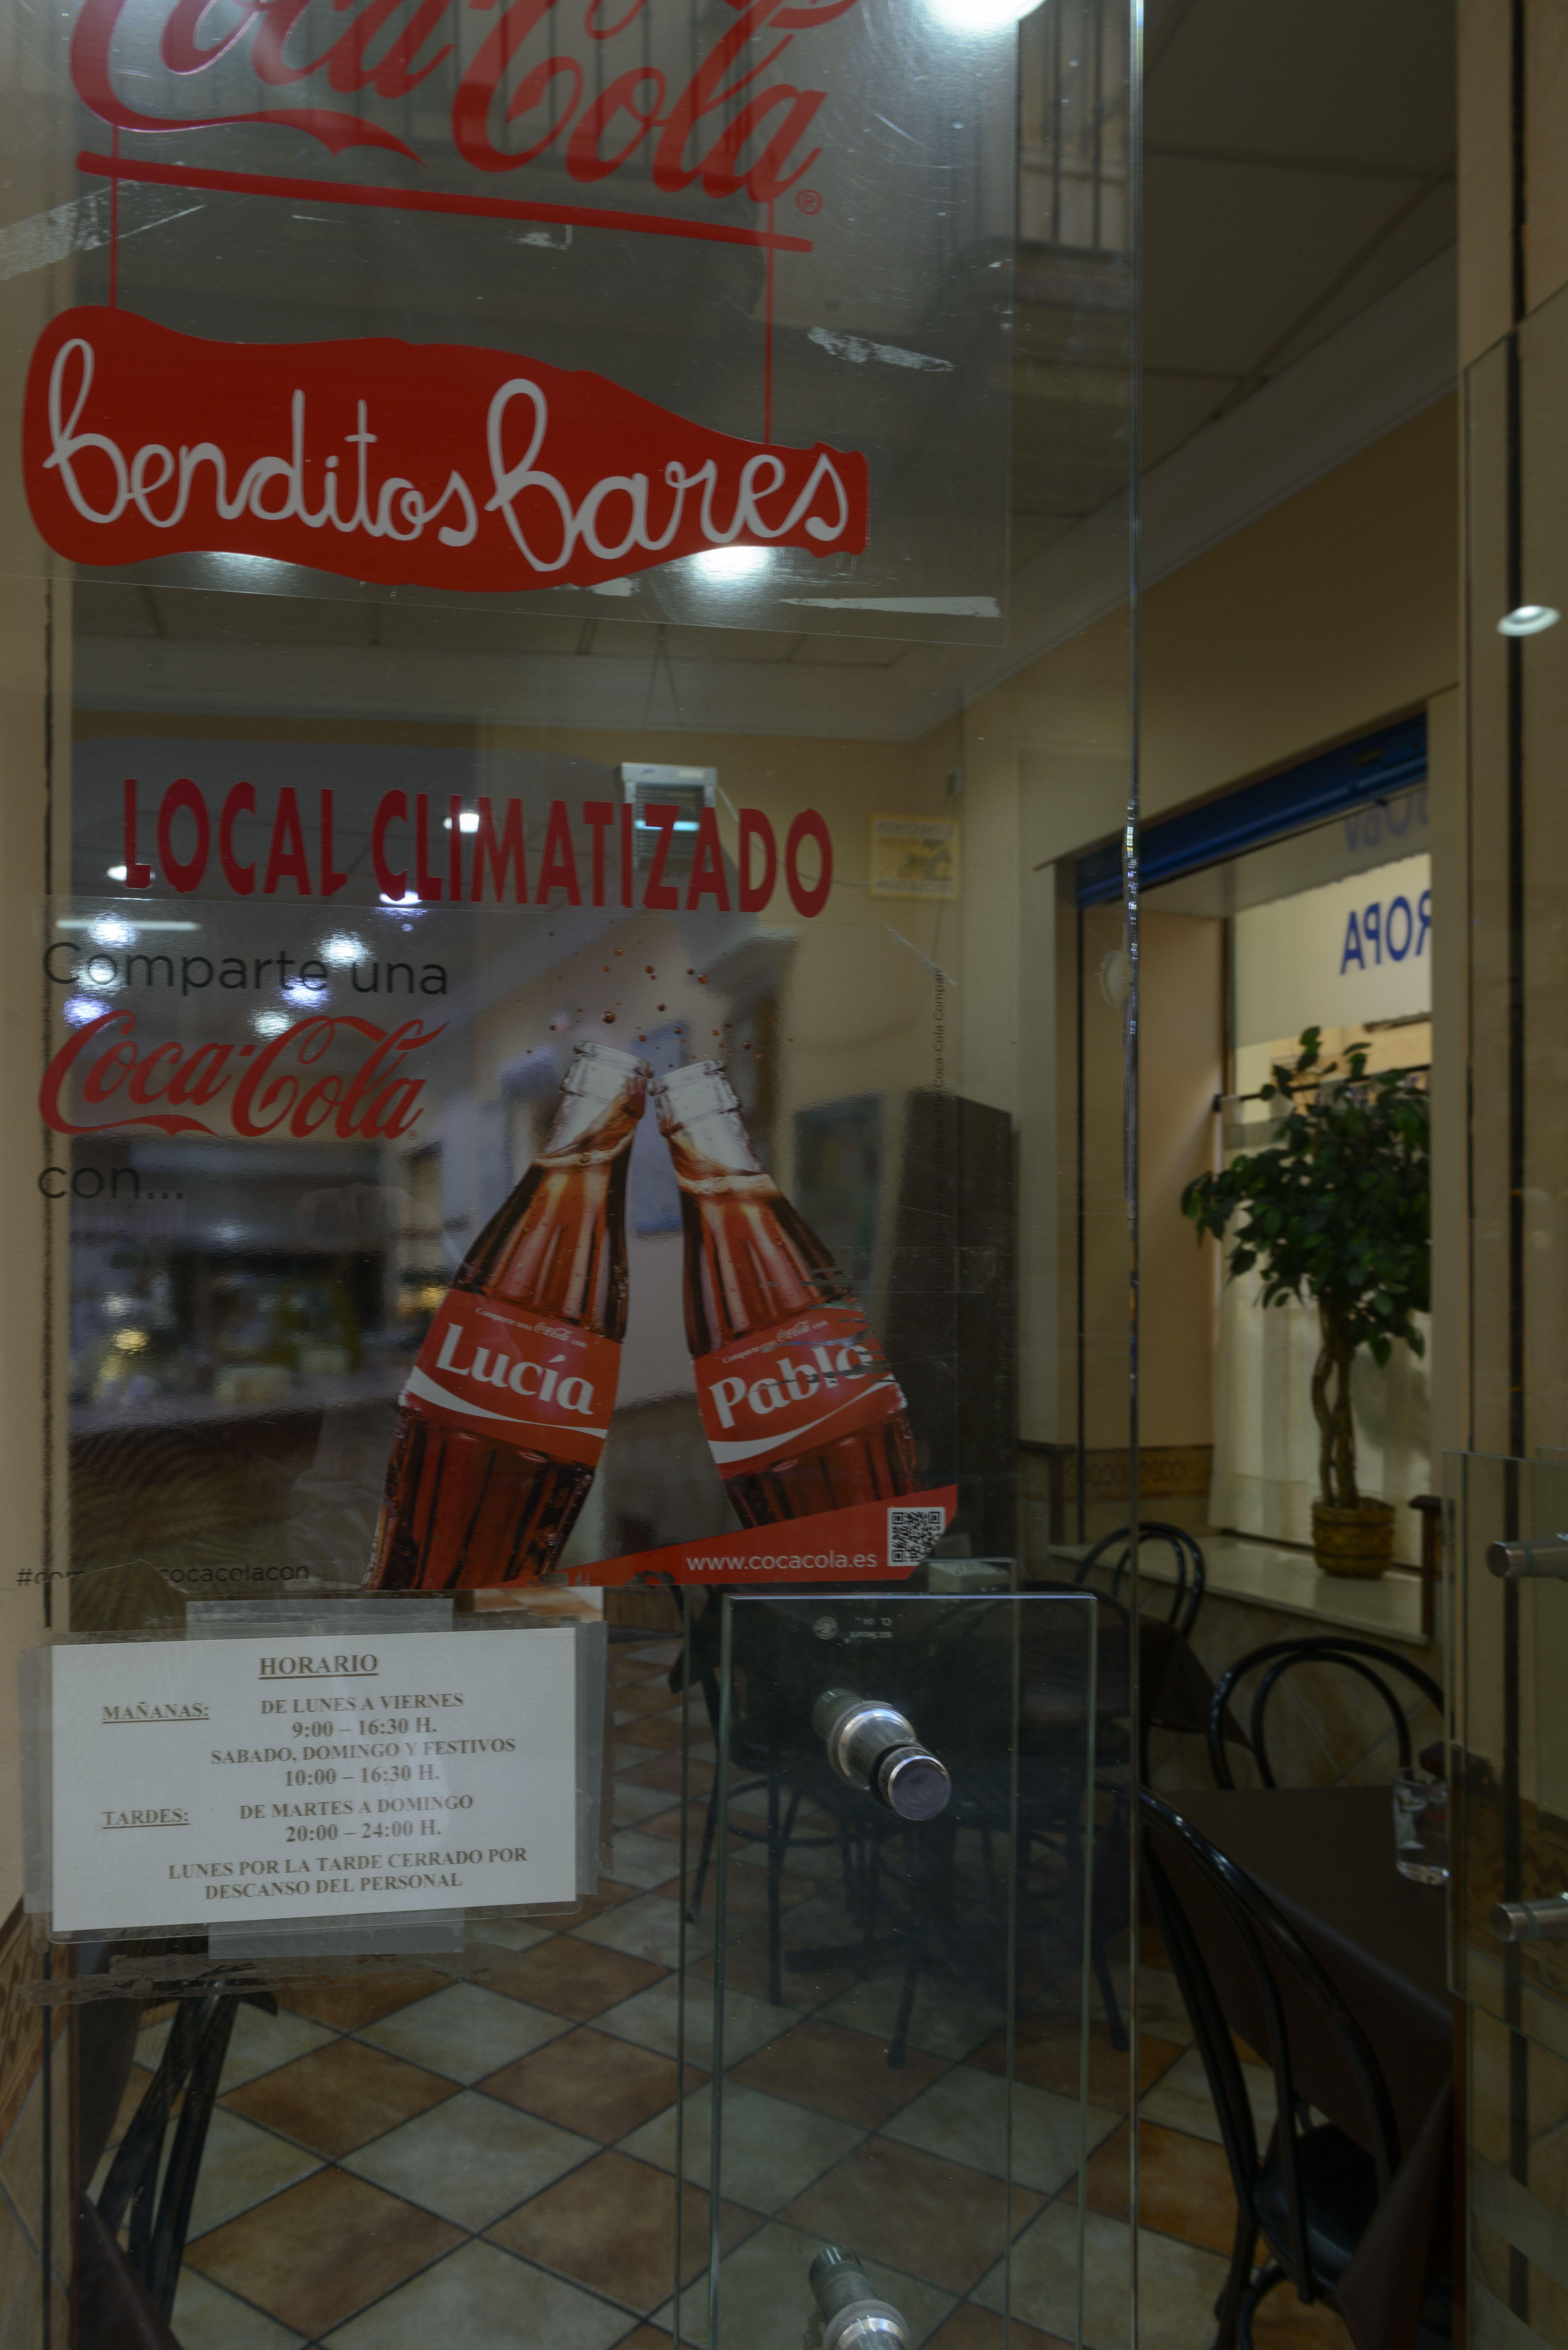 Foto 3 de Freidurías en Cádiz | Feiduría y Cervecería Europa